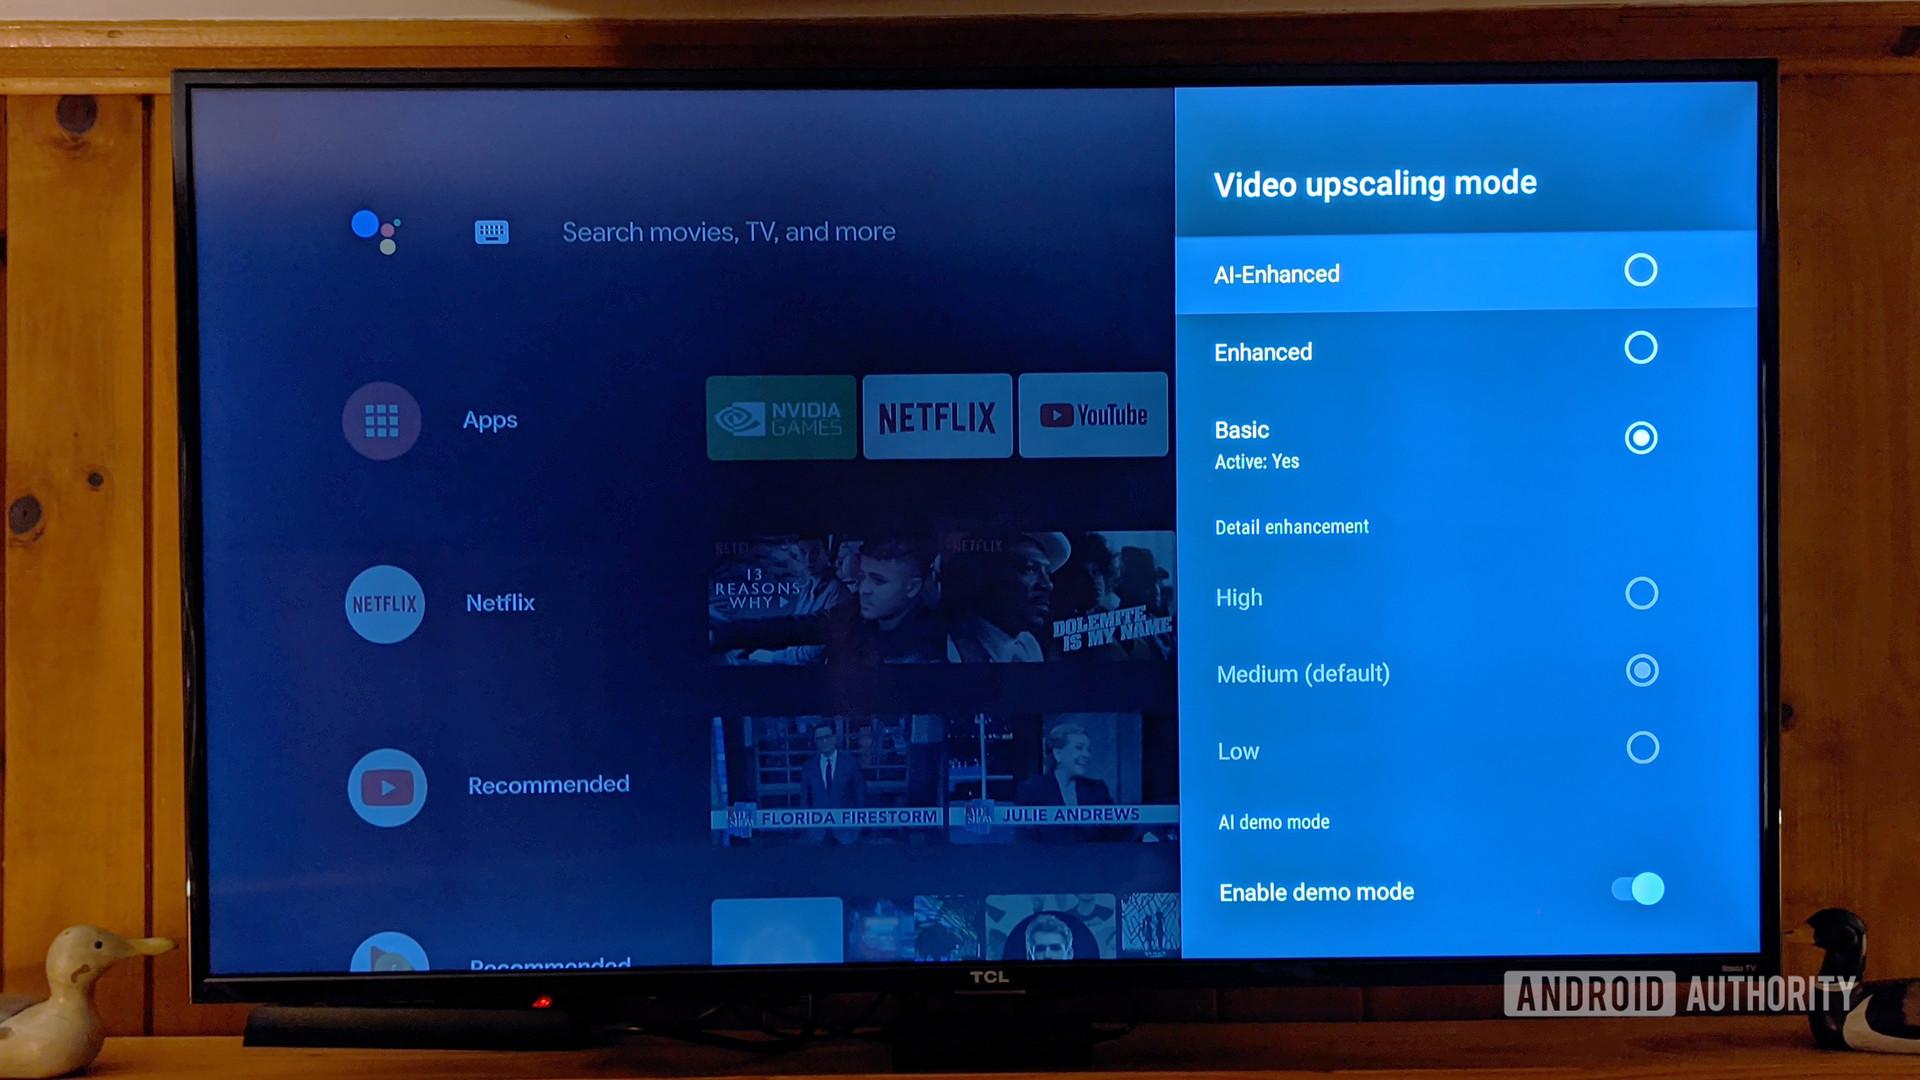 Nvidia Shield TV AI upscaling settings